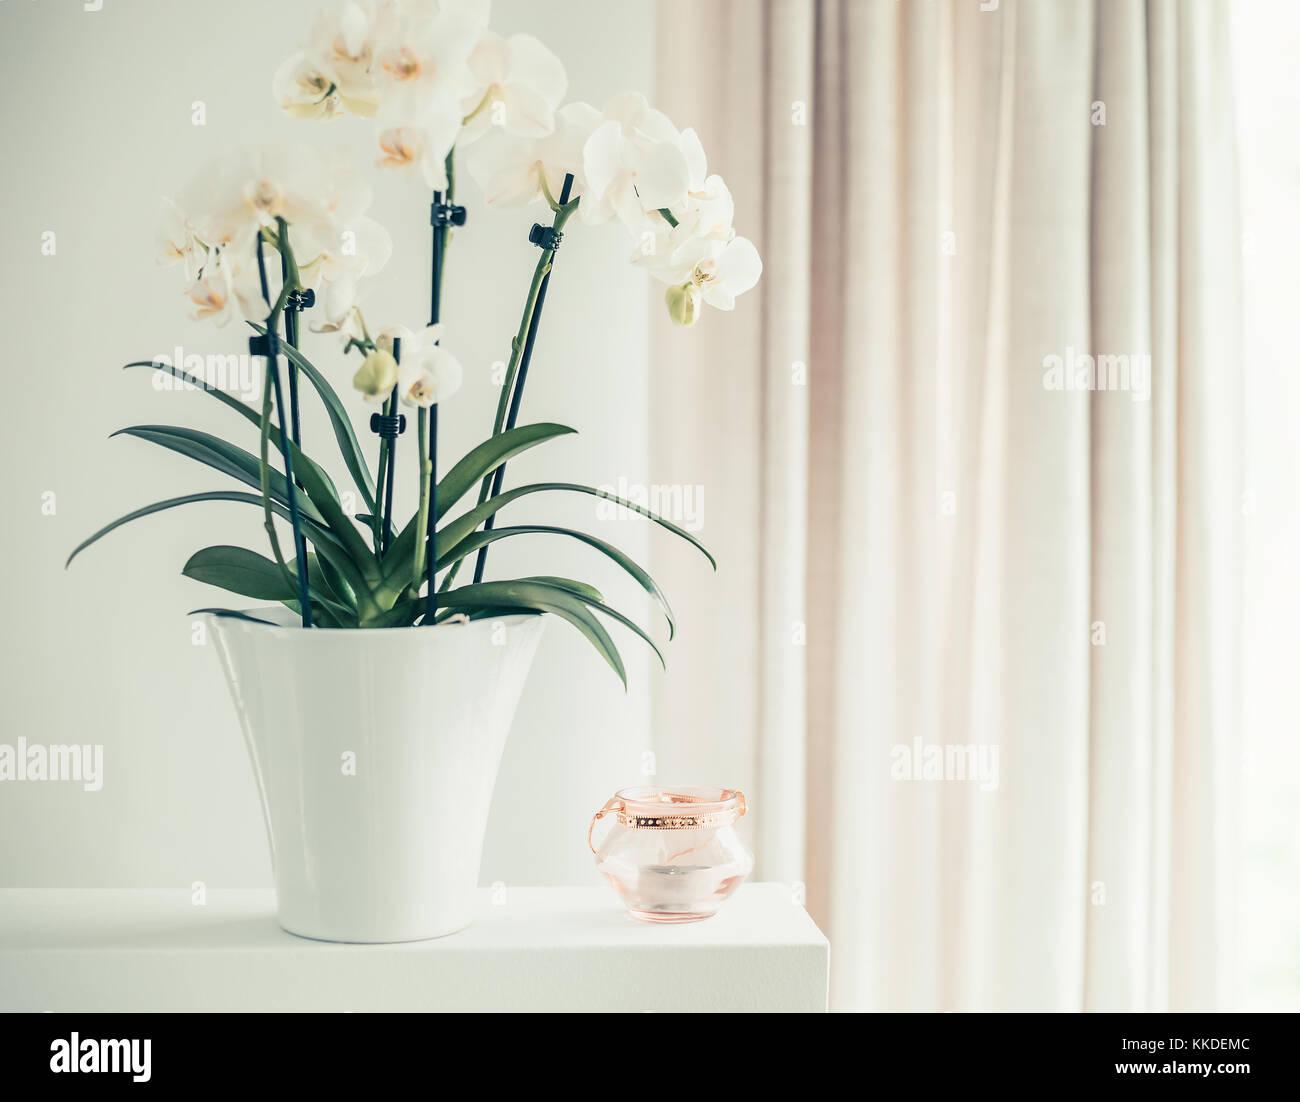 Weiße Orchidee Pflanze mit Blumen im Topf auf Fenster noch ...